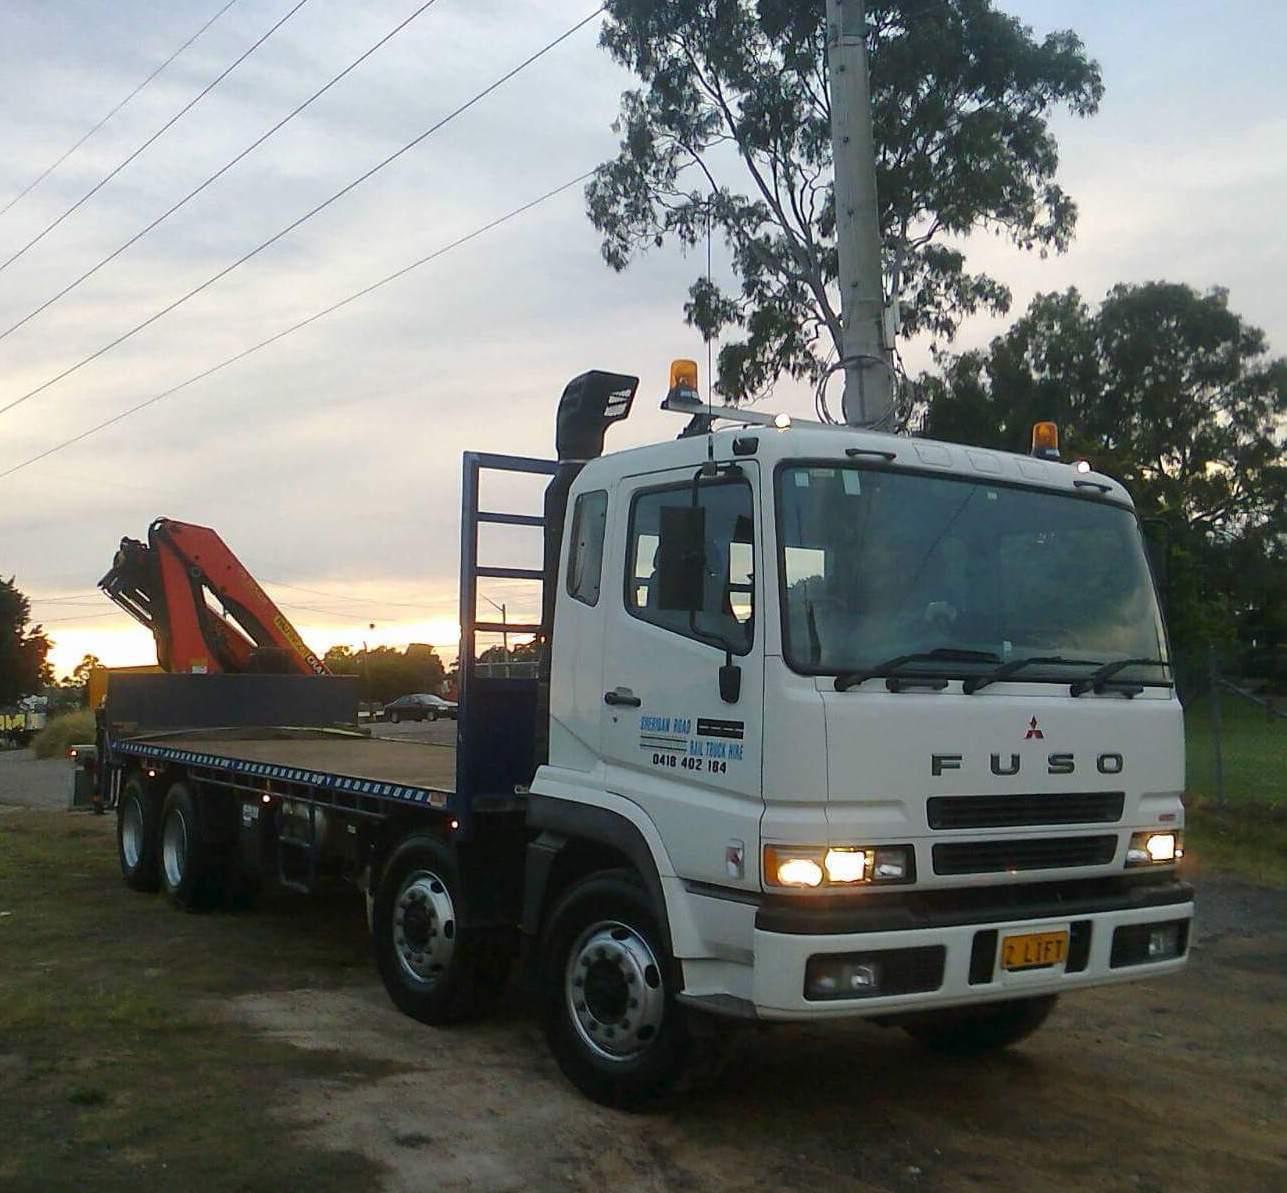 2LIFT-8-Wheeler-Rear-Mount-Crane-Truck-8.jpeg